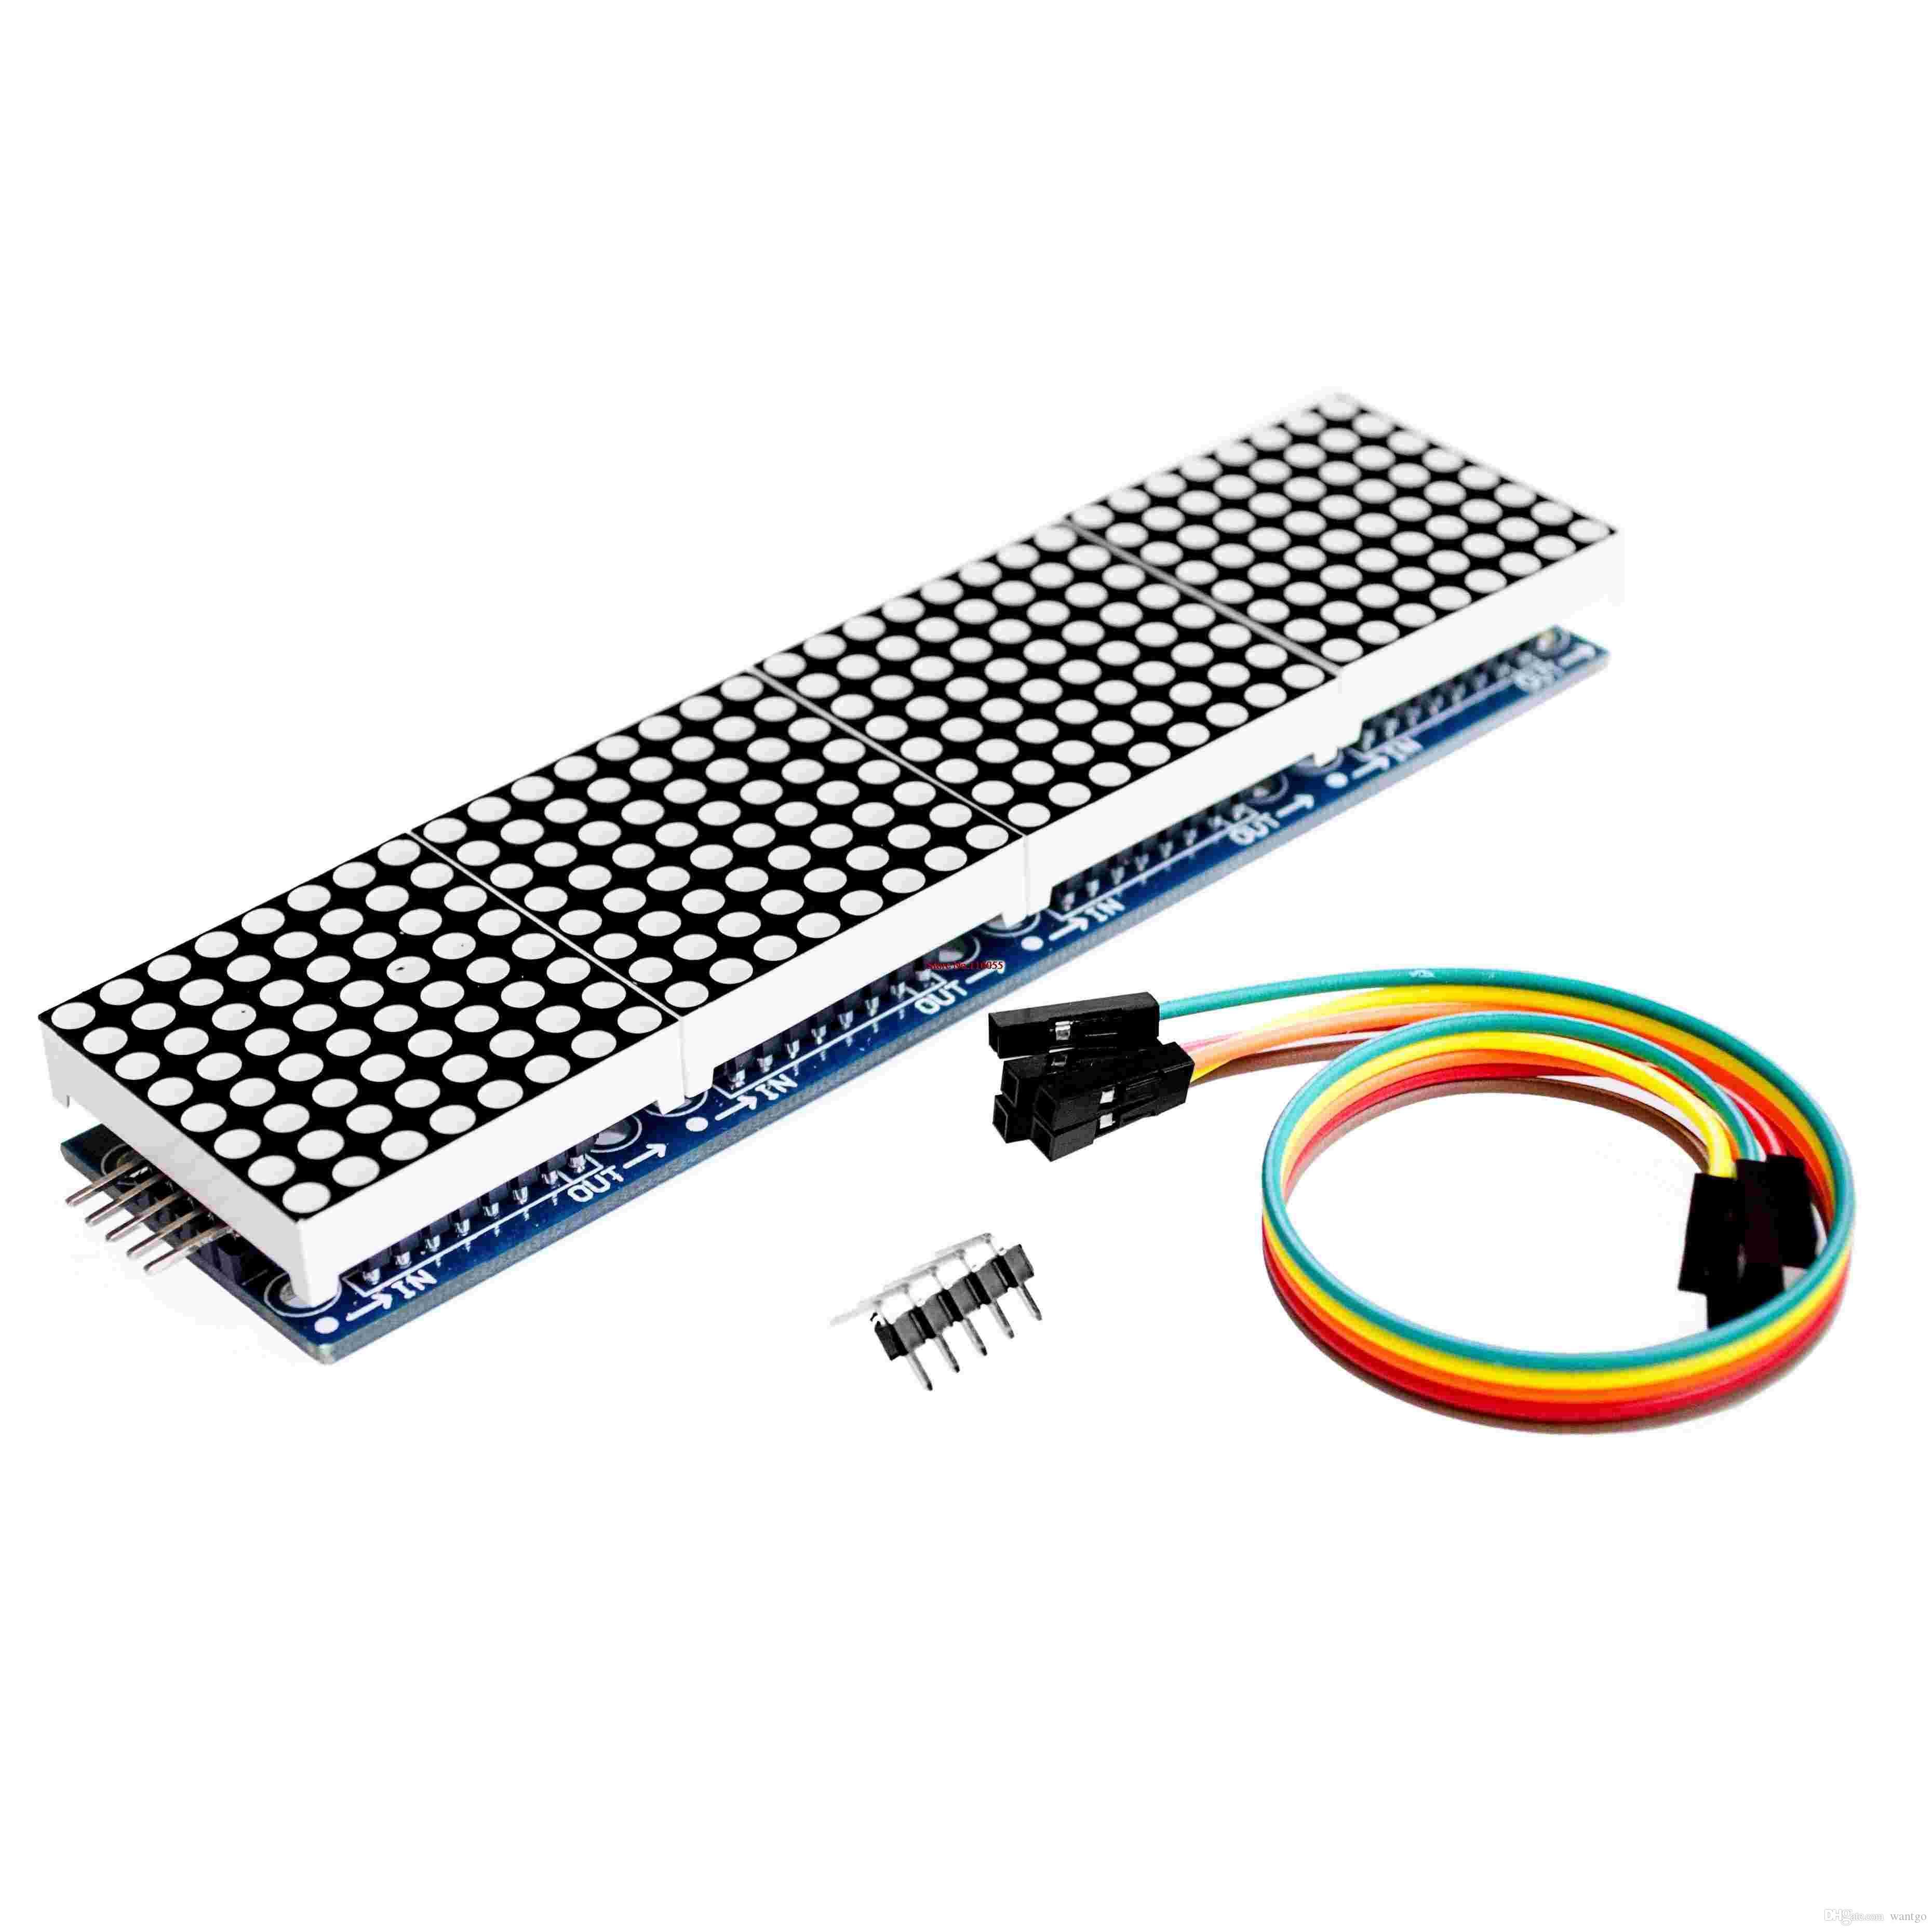 5 шт./лот MAX7219 матричный модуль для микроконтроллера 4 в одном дисплее с 5 P линии бесплатная доставка